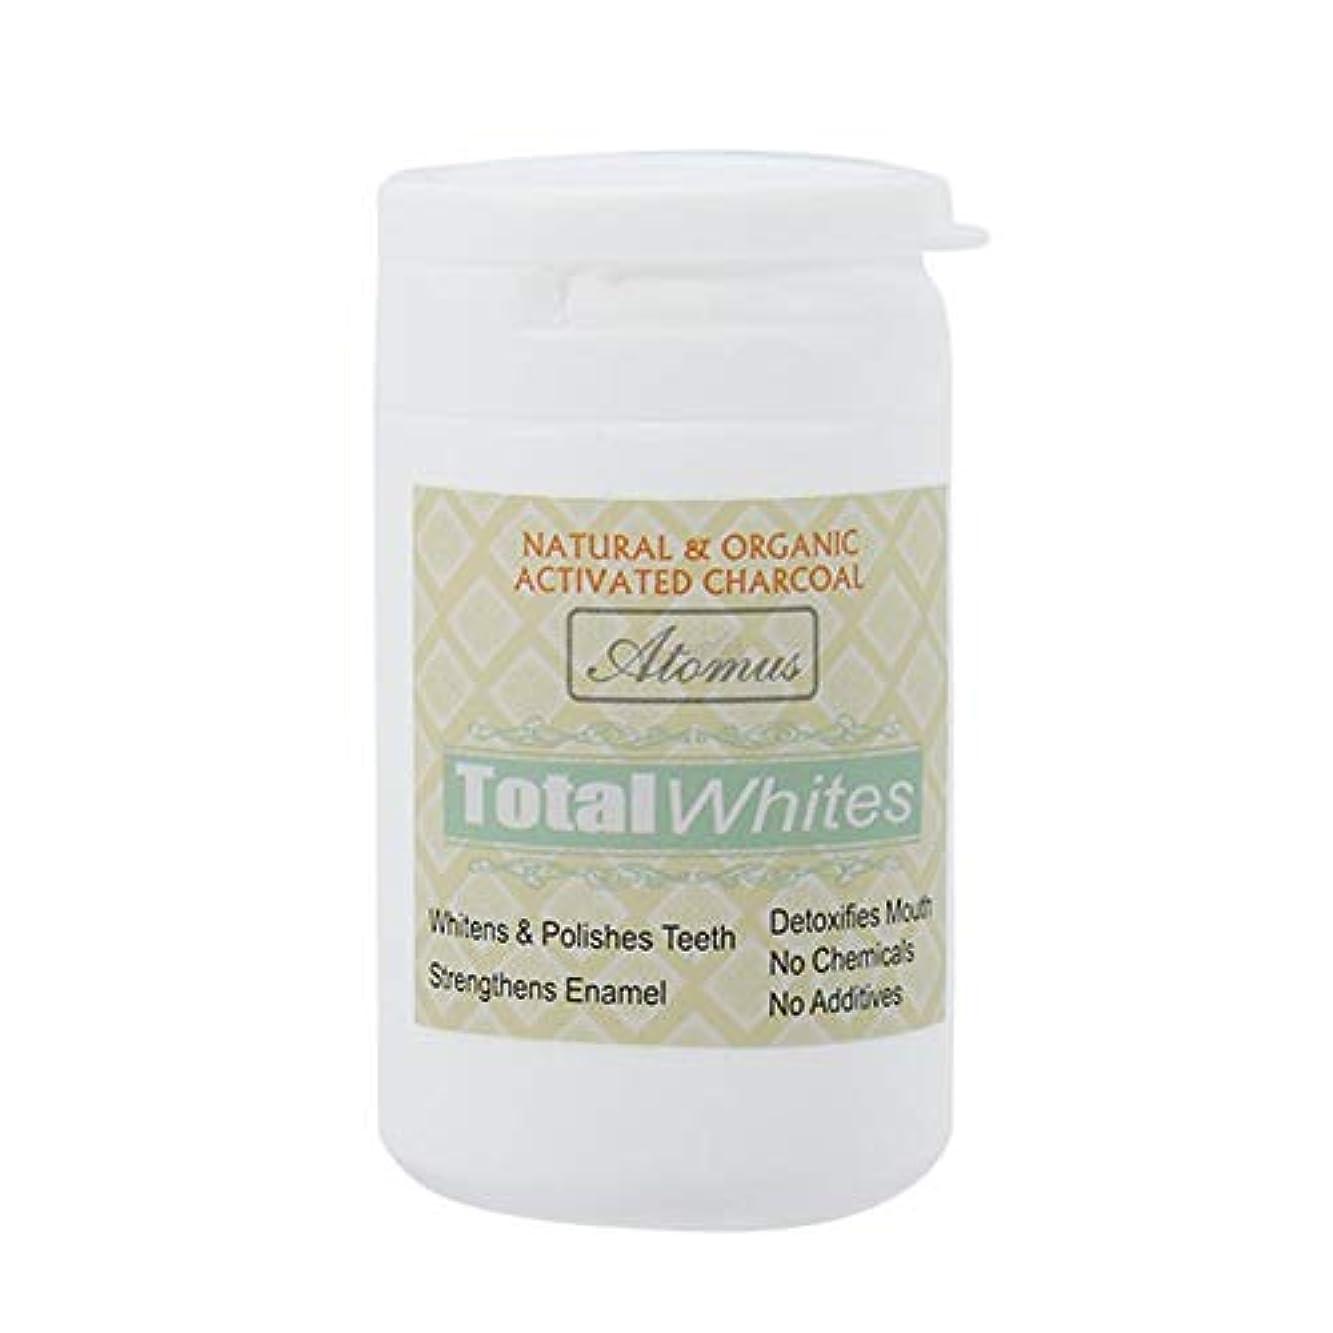 想像力豊かな考え属する歯のホワイトニングパウダー、活性炭の歯のホワイトナーパウダー - 有機安全で効果的なホワイトナーの解決策 - ホワイトニングの歯とフレッシュな息